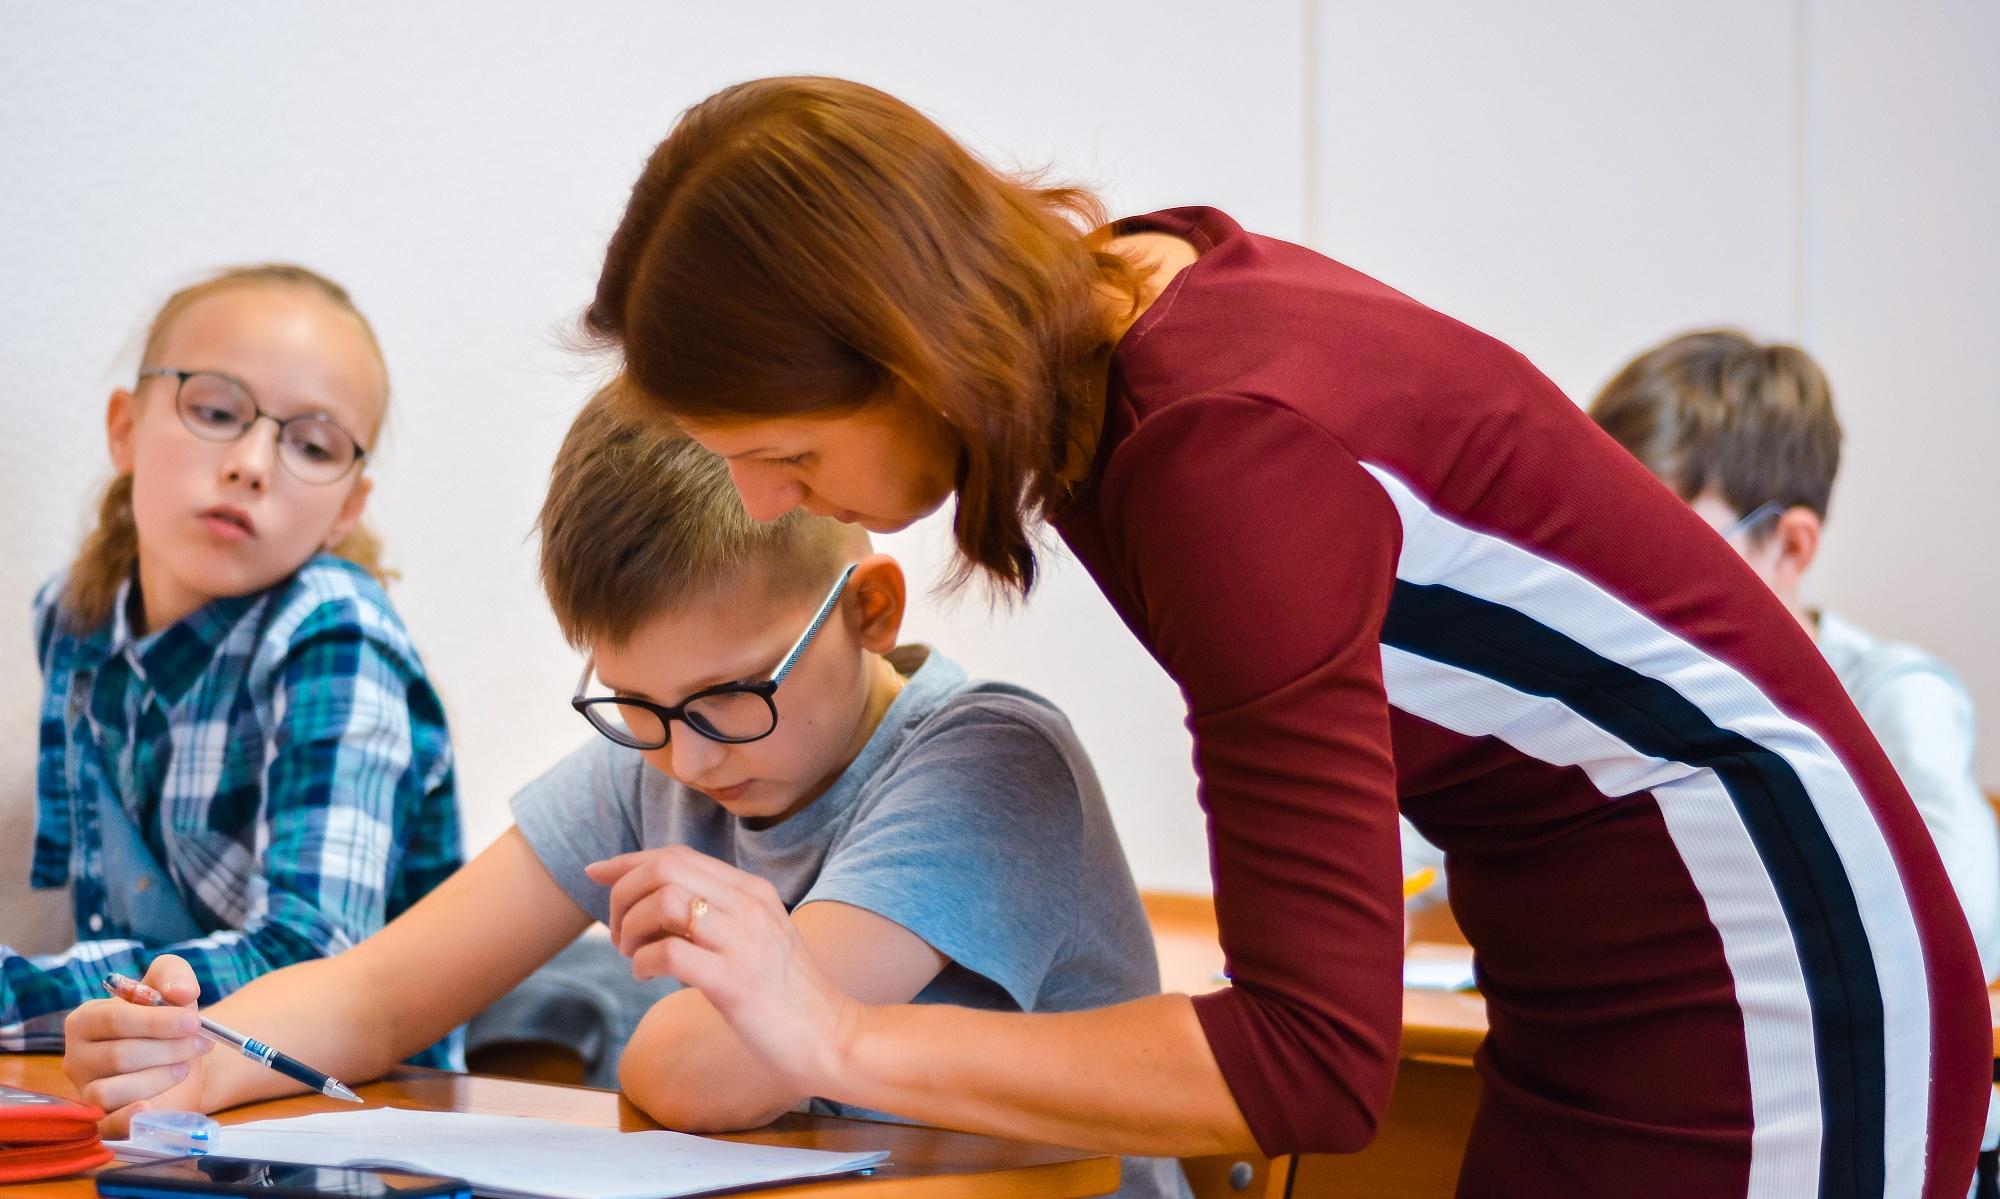 На фото: Тьюторство как форма педагогического сопровождения движения ученика по индивидуальной образовательной траектории, автор: admin